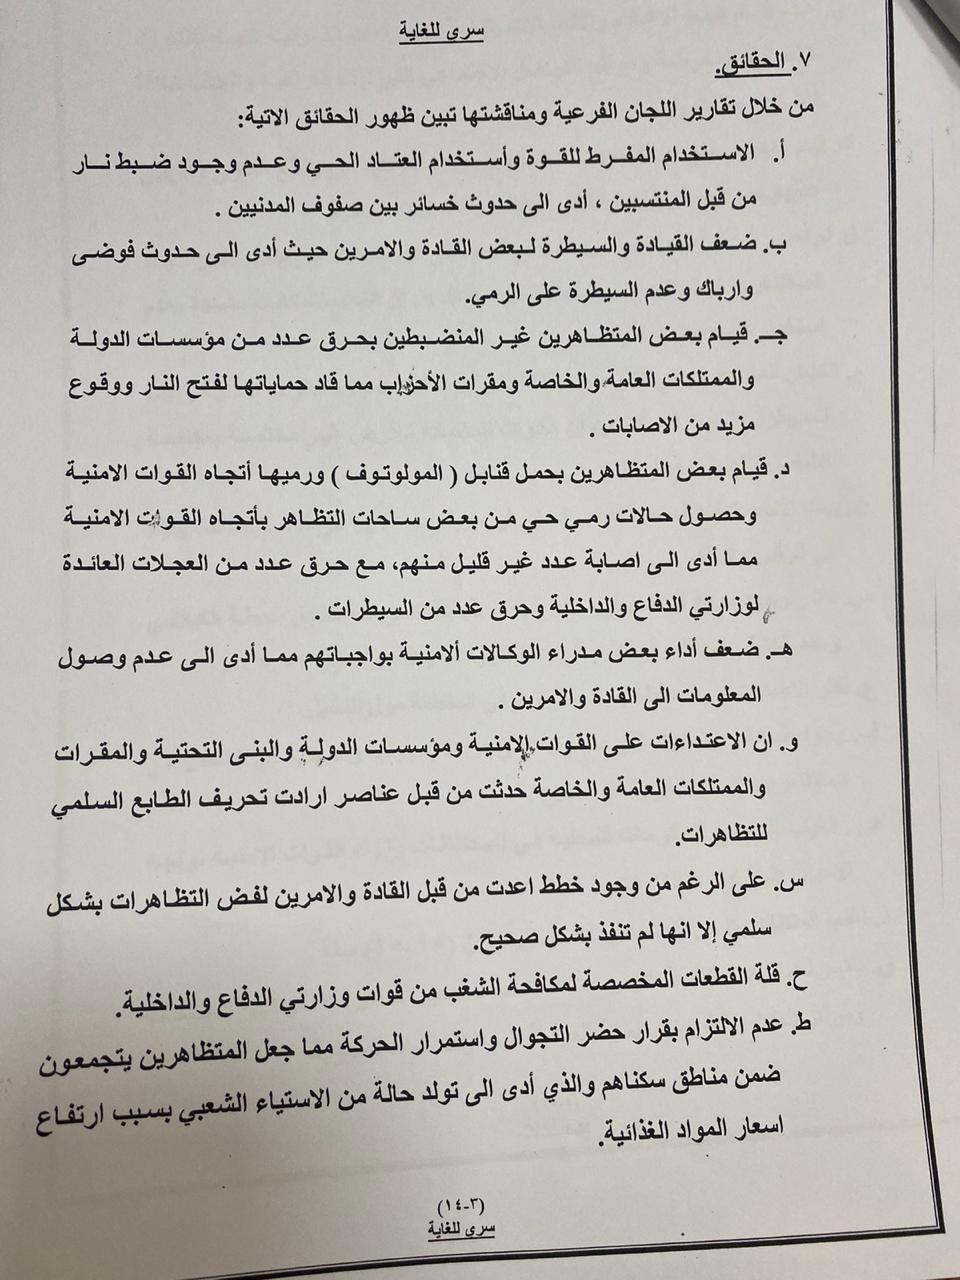 """""""ناس"""" ينشر """"الحقائق"""" والاستنتاجات التي توصلت إليها لجنة التحقيق بقتل المتظاهرين"""